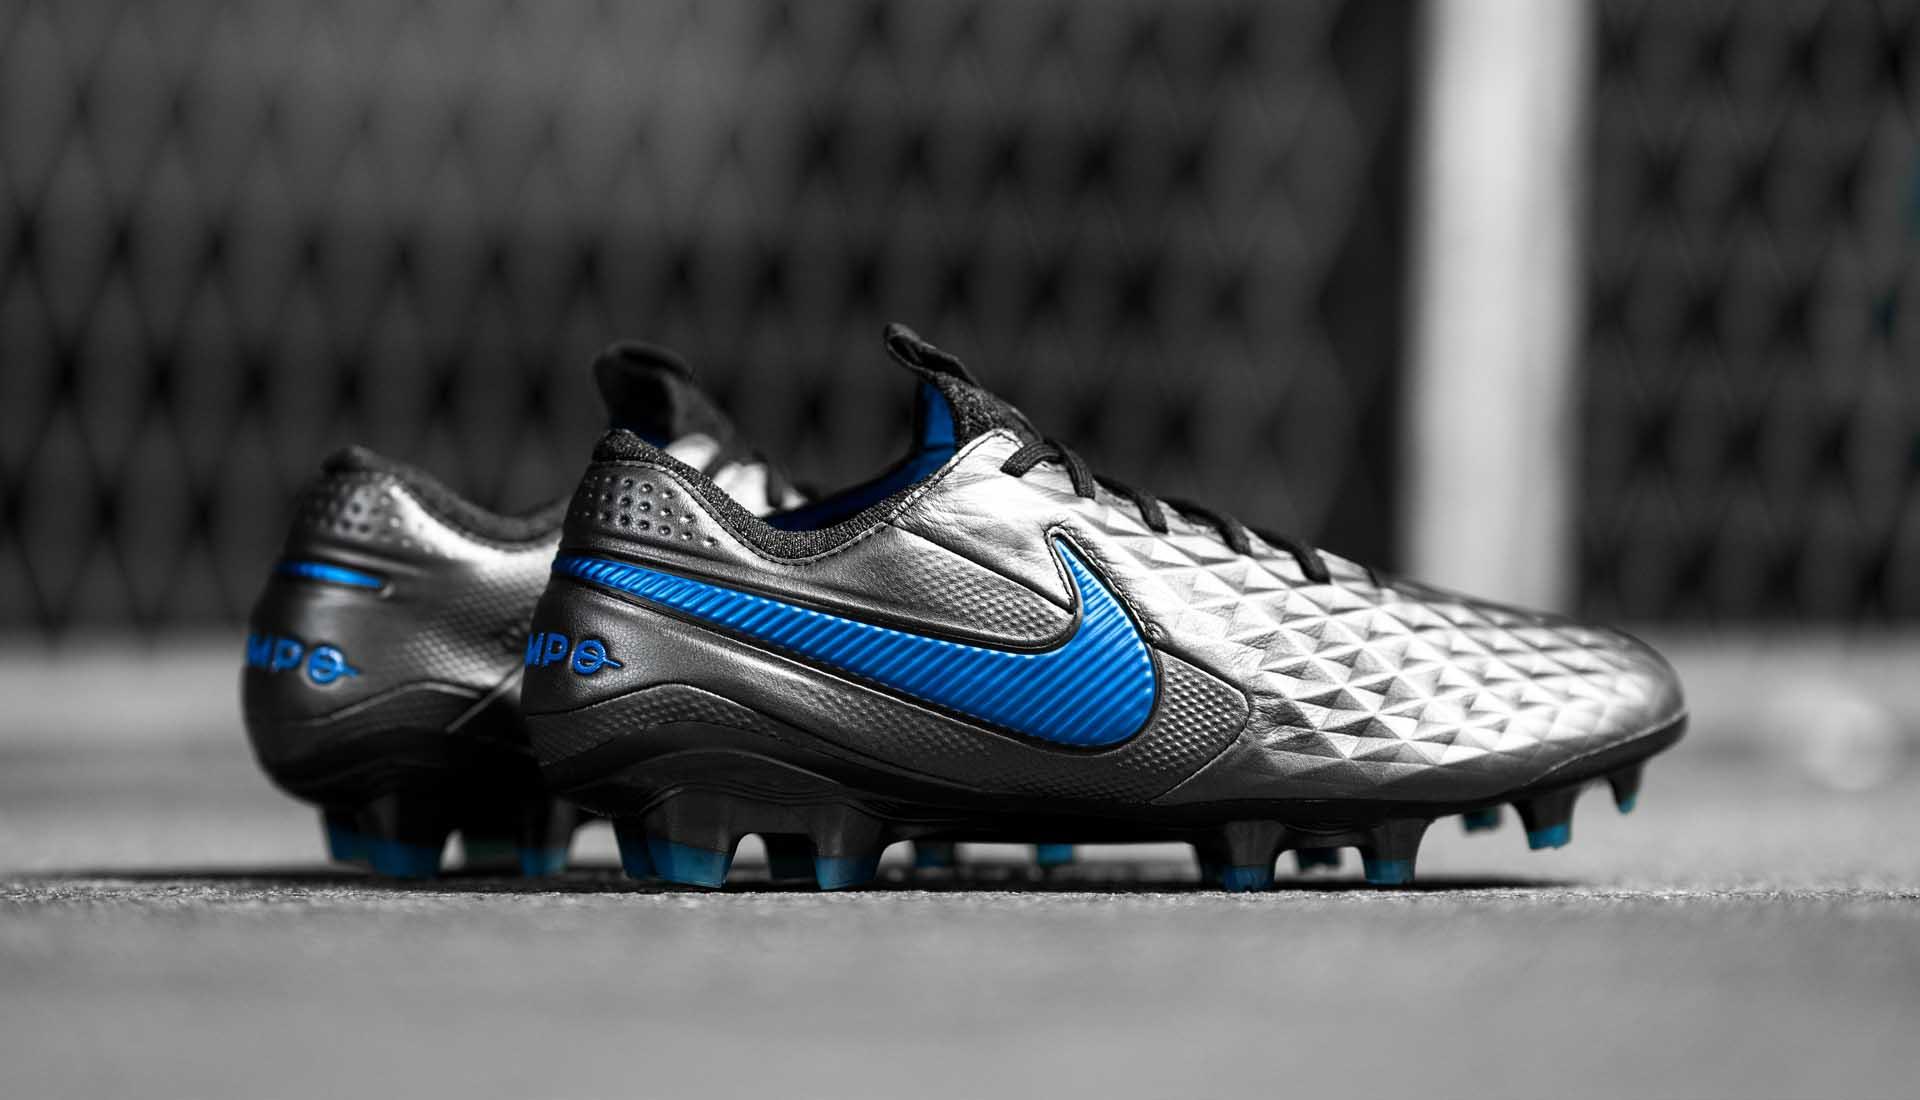 Giày đá banh chính hãng. Giày đá banh Neymarsport.